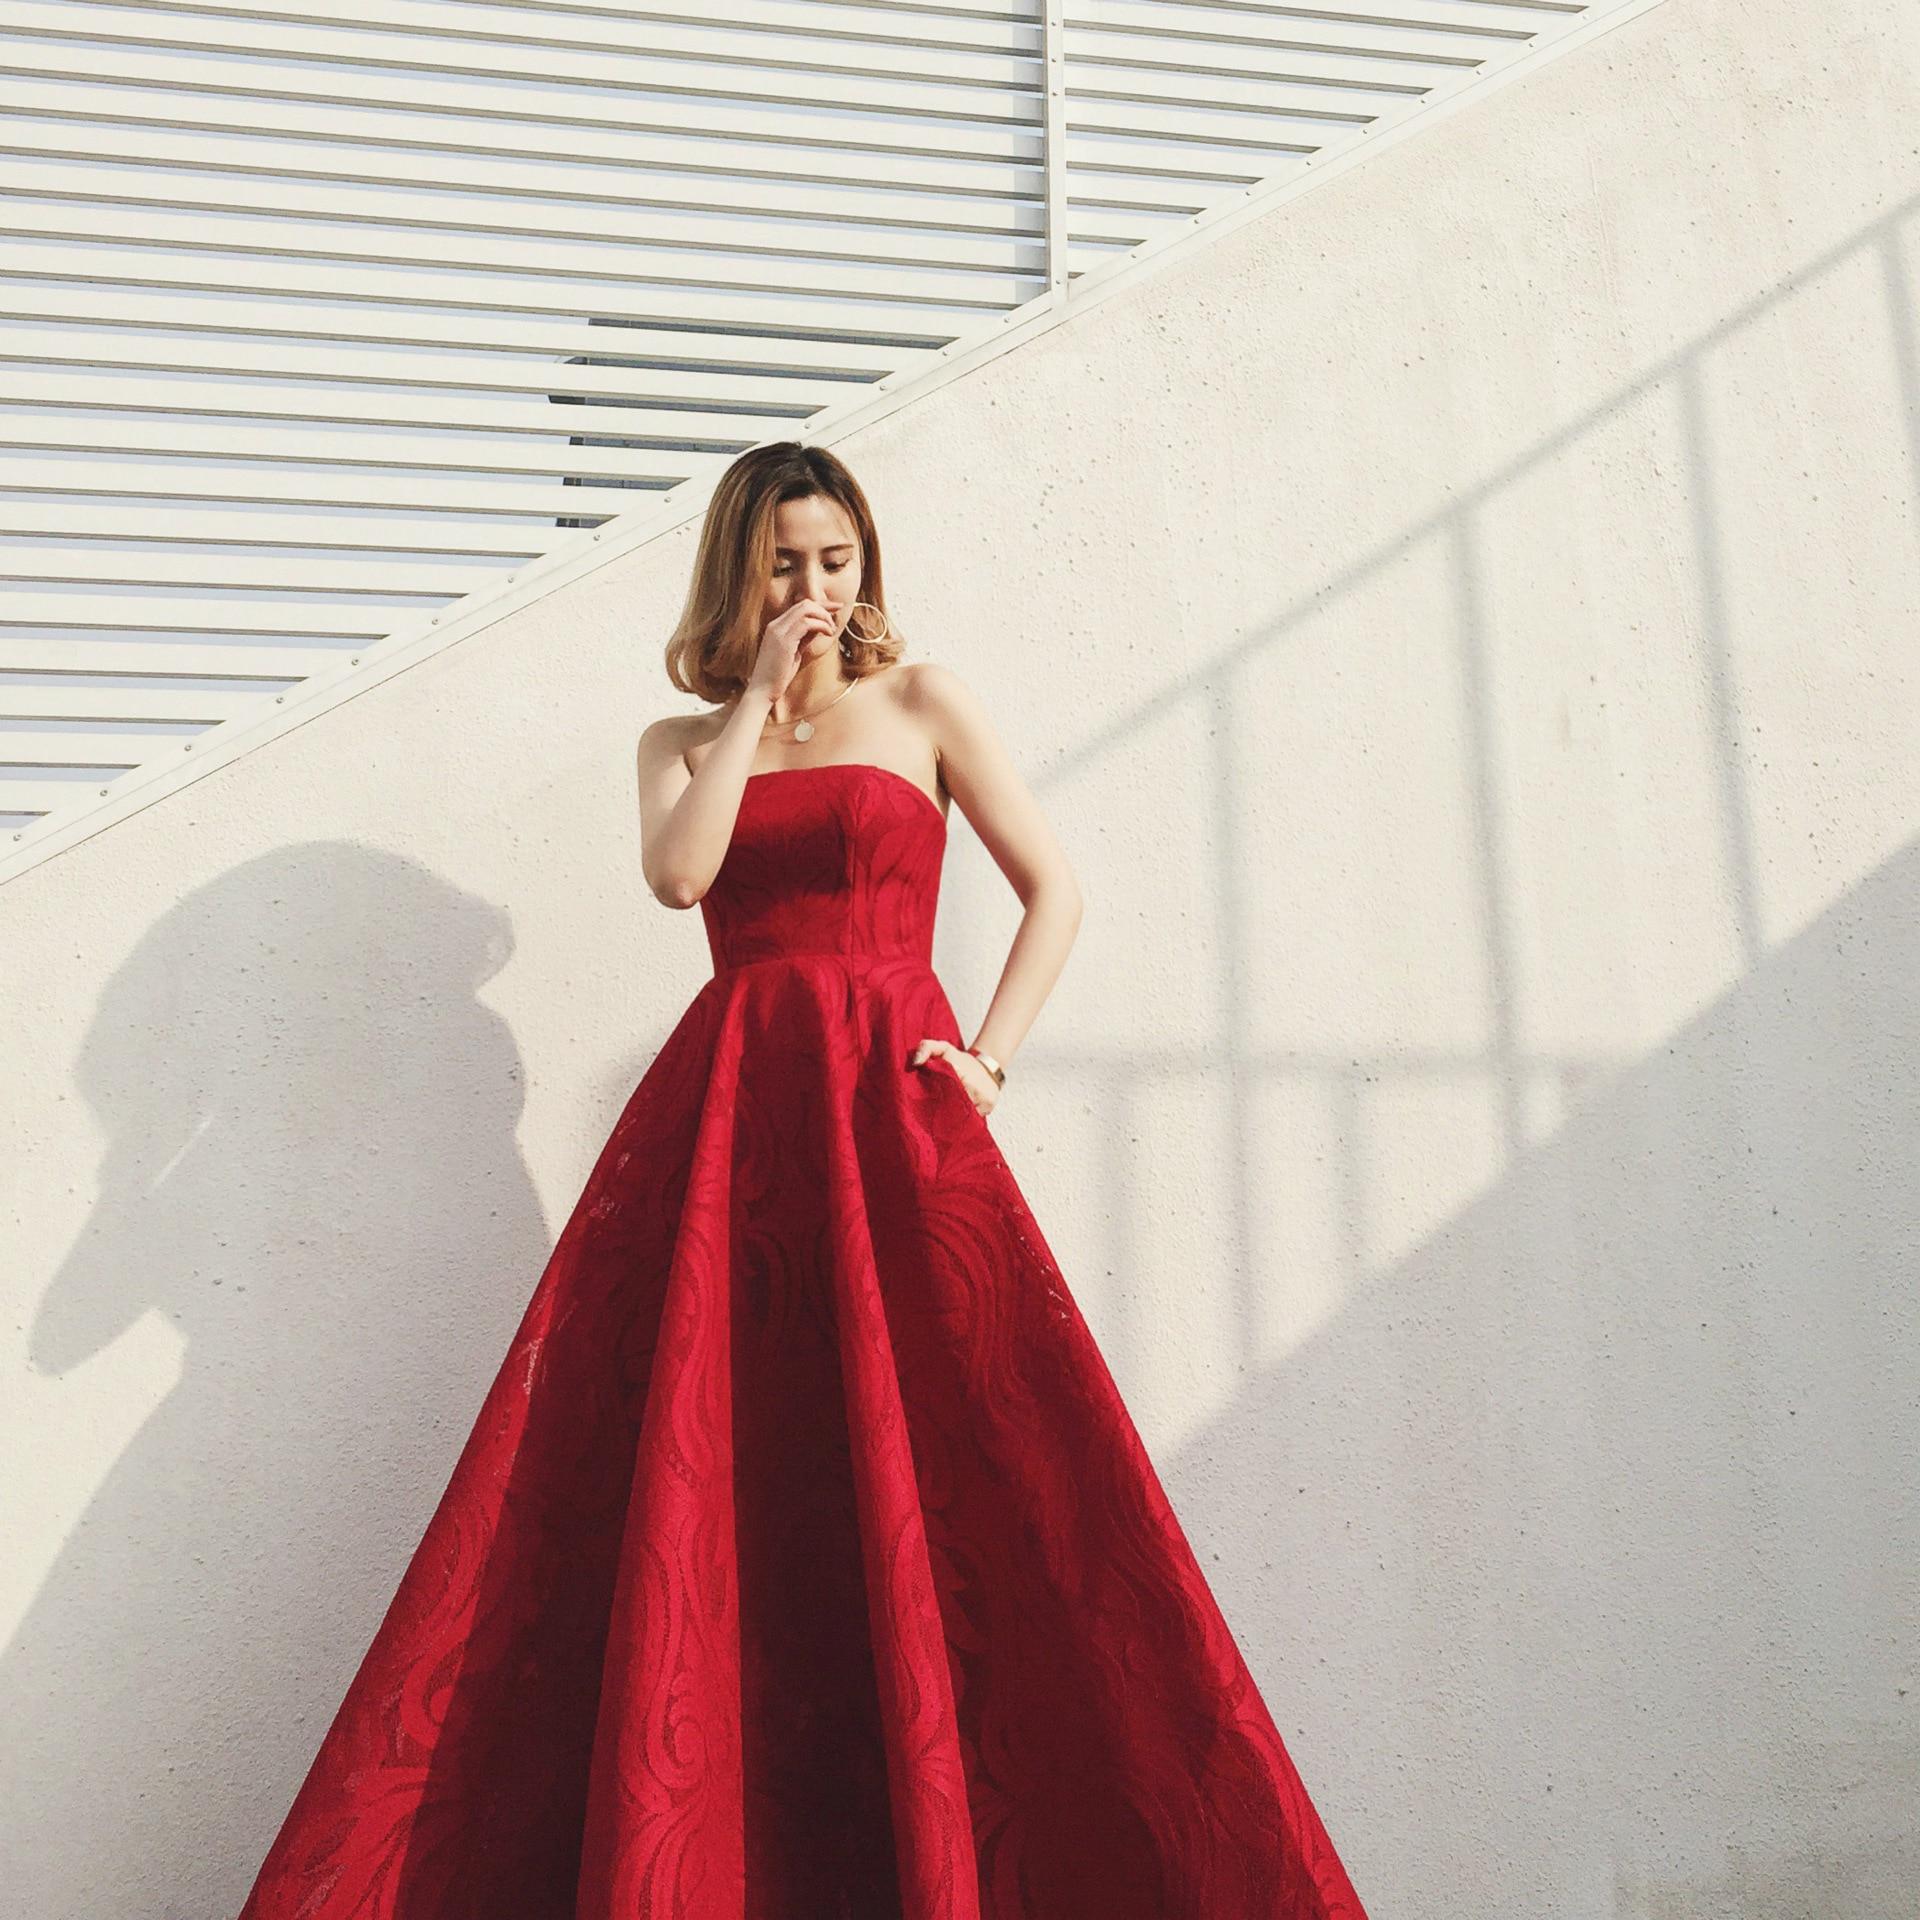 فستان سهرة ساتان ، طول الأرض ، بدون حمالات ، مثير ، أكتاف عارية ، فستان زفاف ، فستان حفلات مع شال صغير